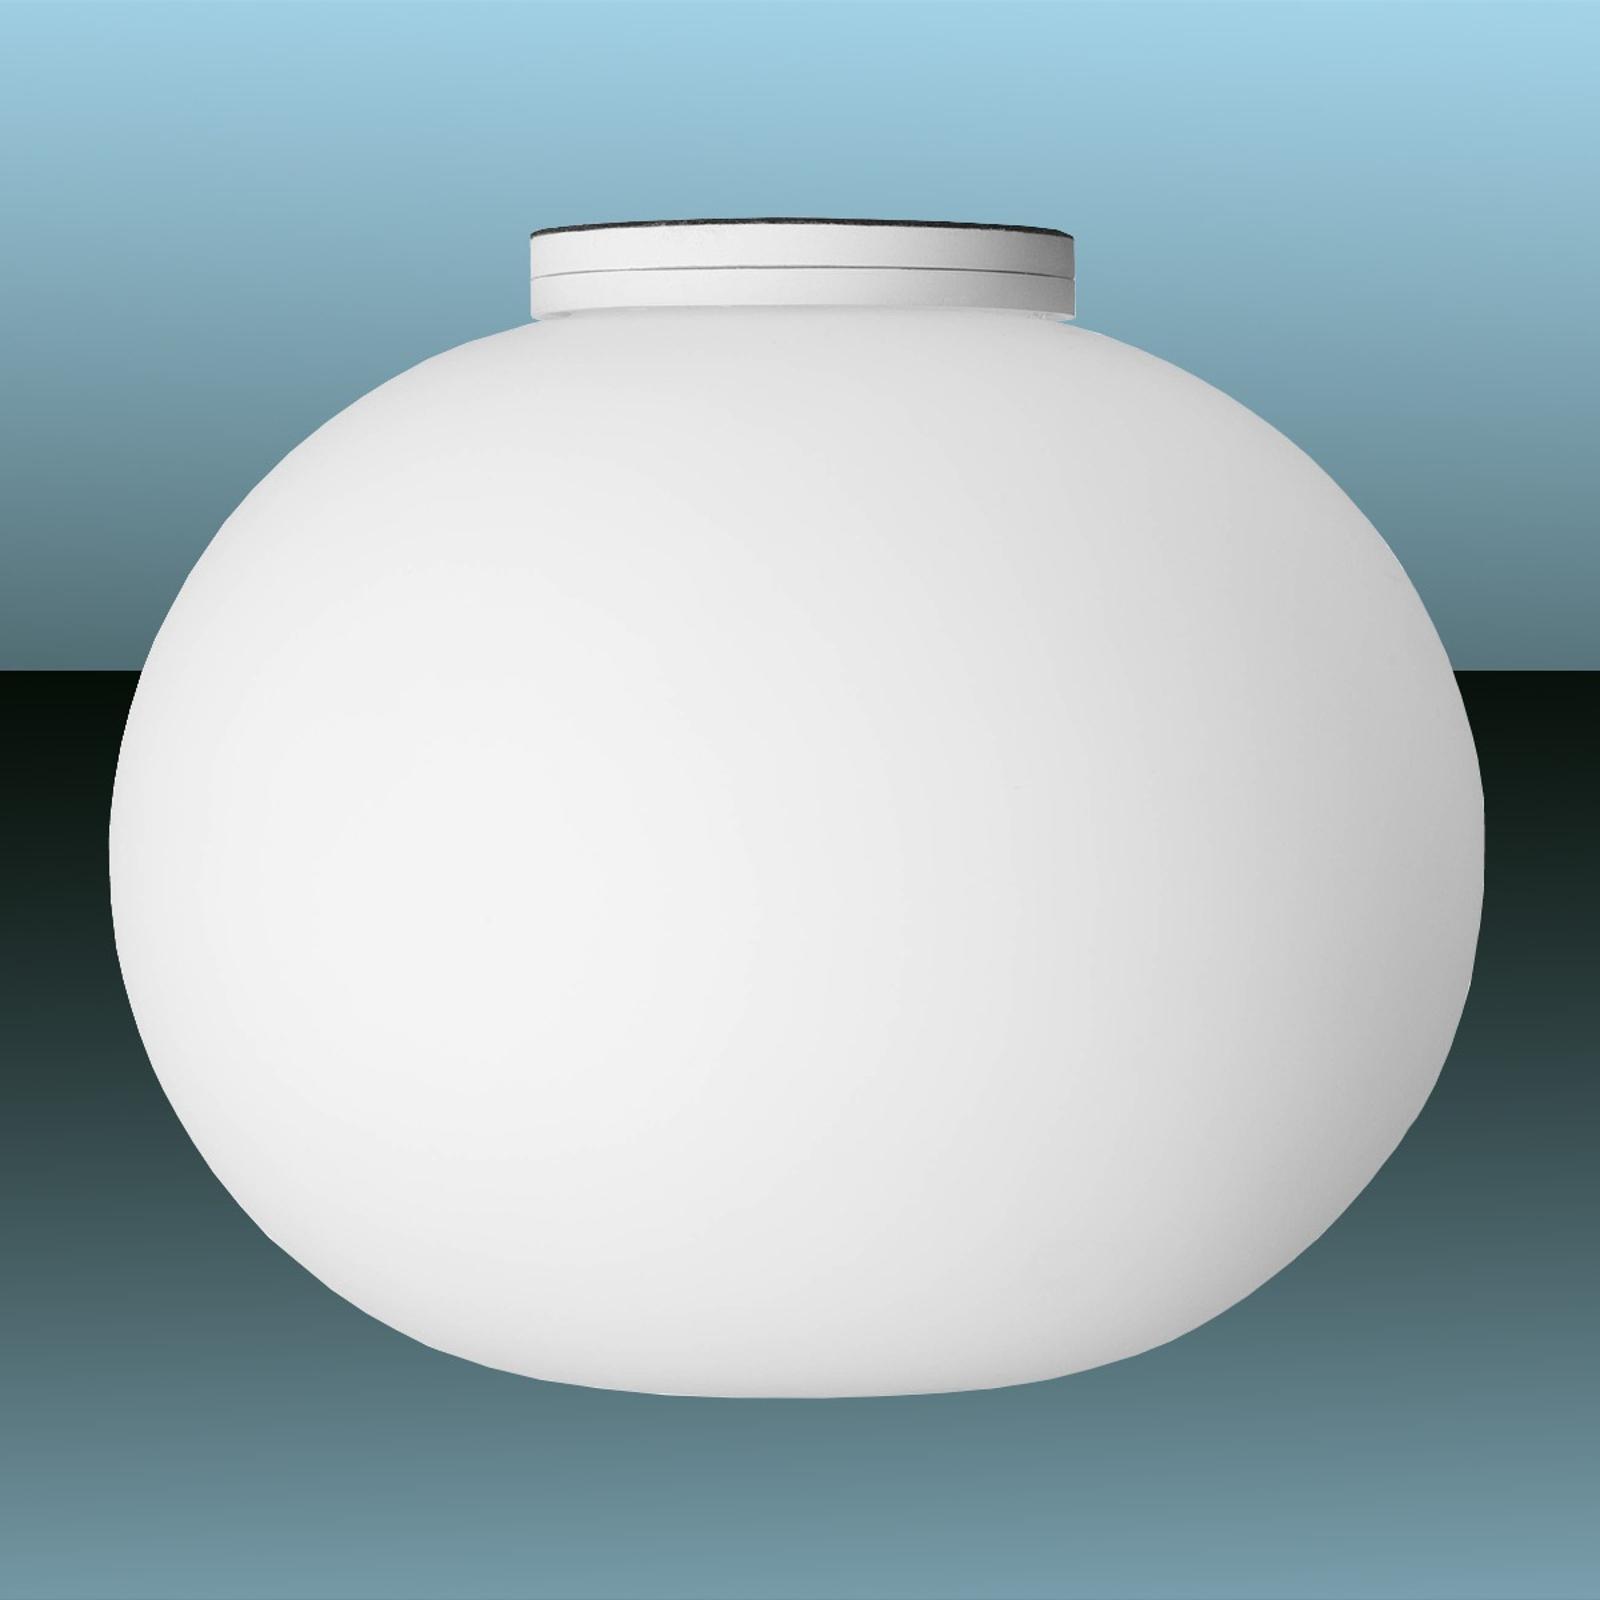 FLOS Glo-Ball C/W Zero stropné svietidlo_3510205_1